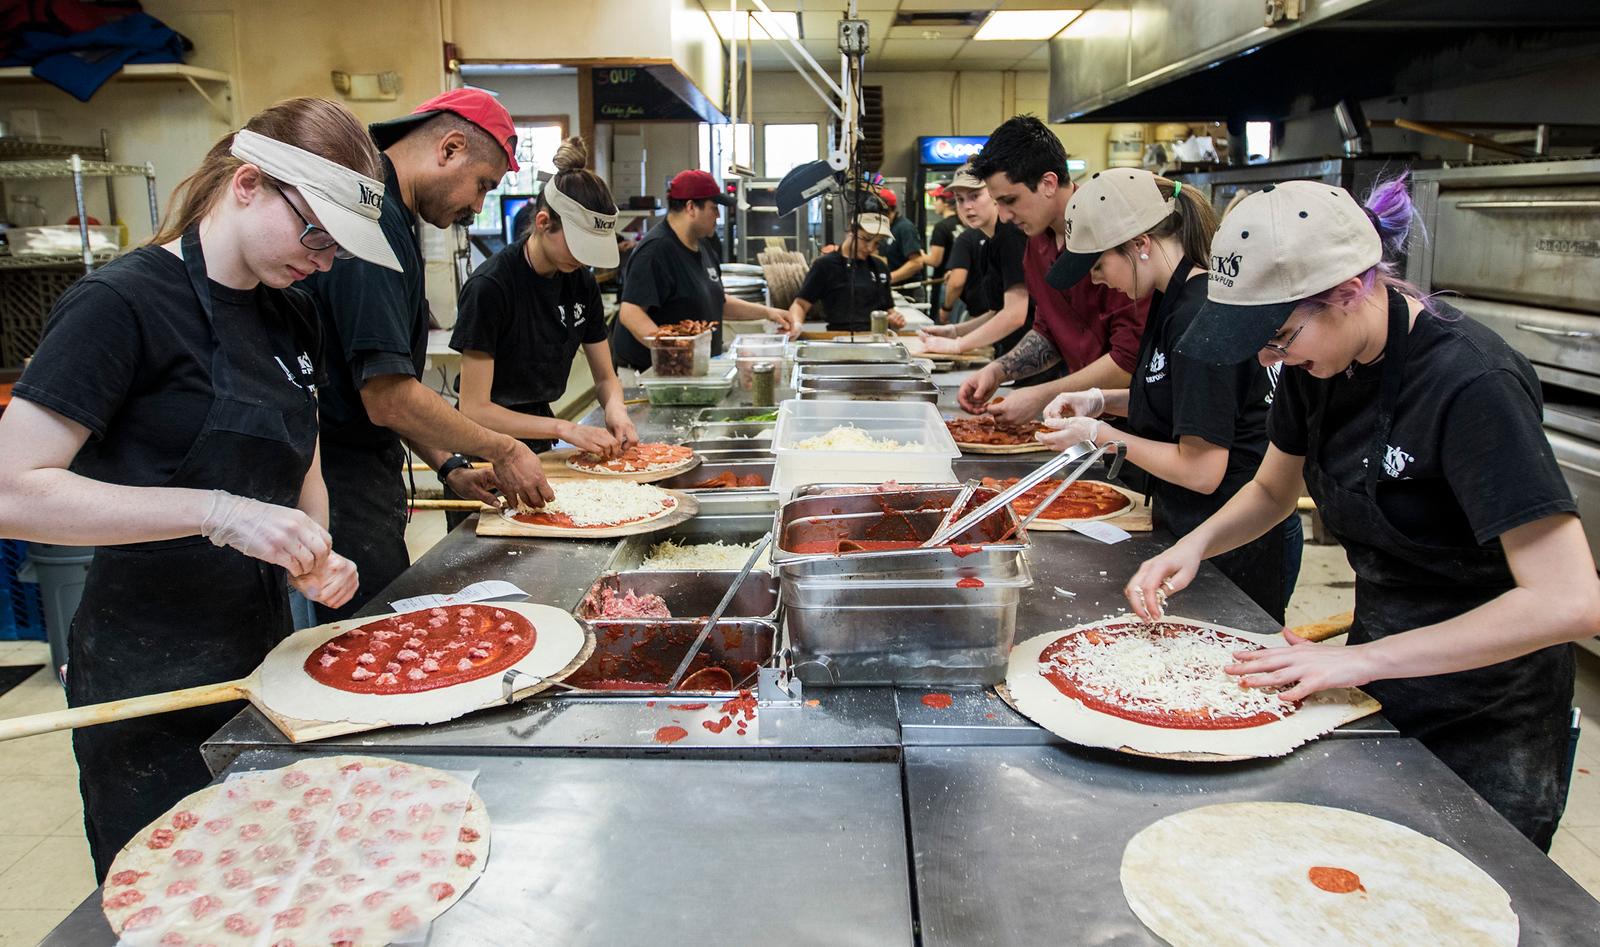 hnews_adv_Nicks_Pizza_04.jpg